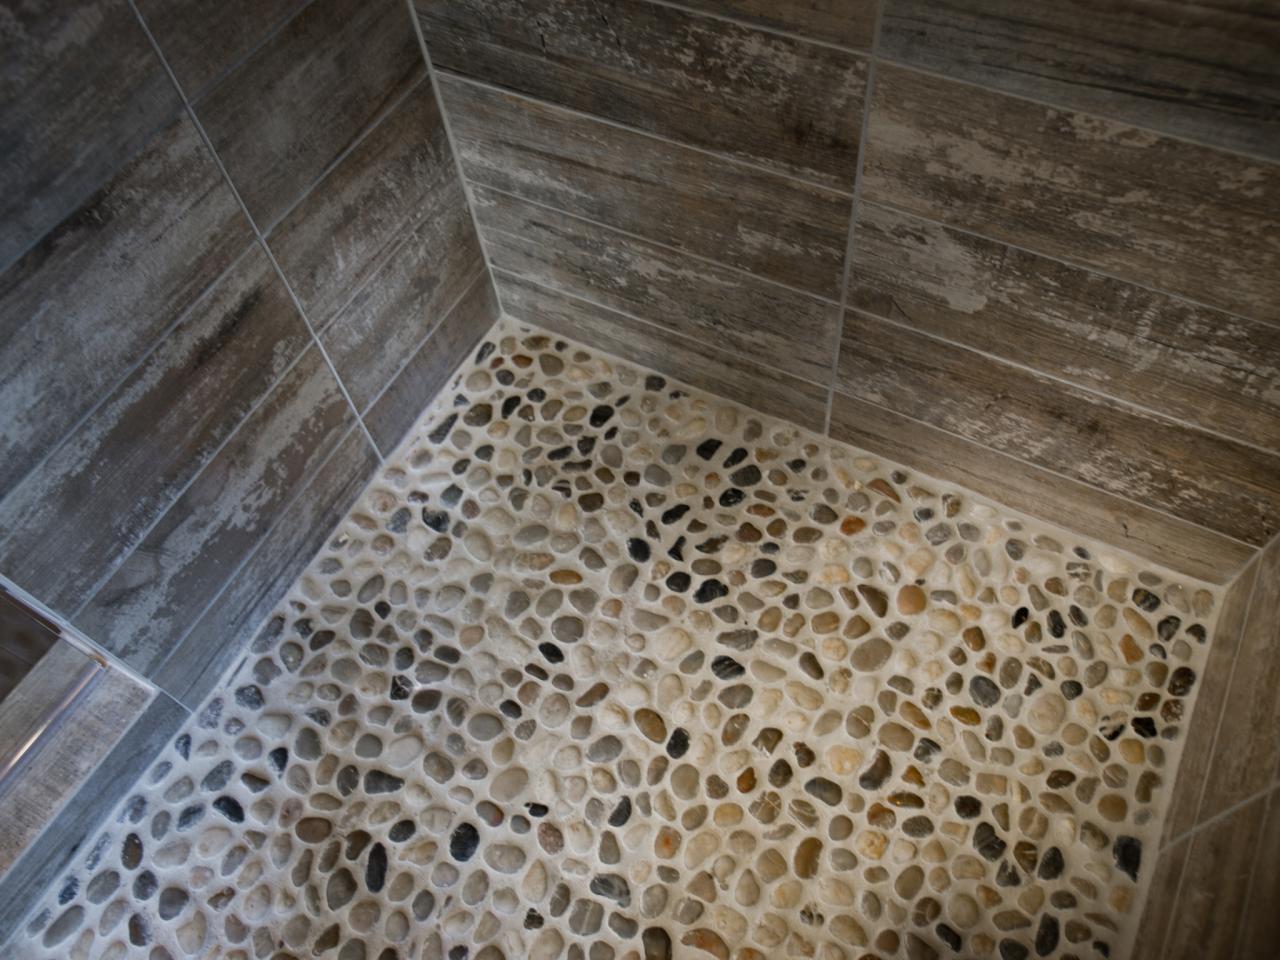 DH2014_artistic-34-EPP0662-Detail-tile-shower-floor_h.jpg.rend.hgtvcom.1280.960